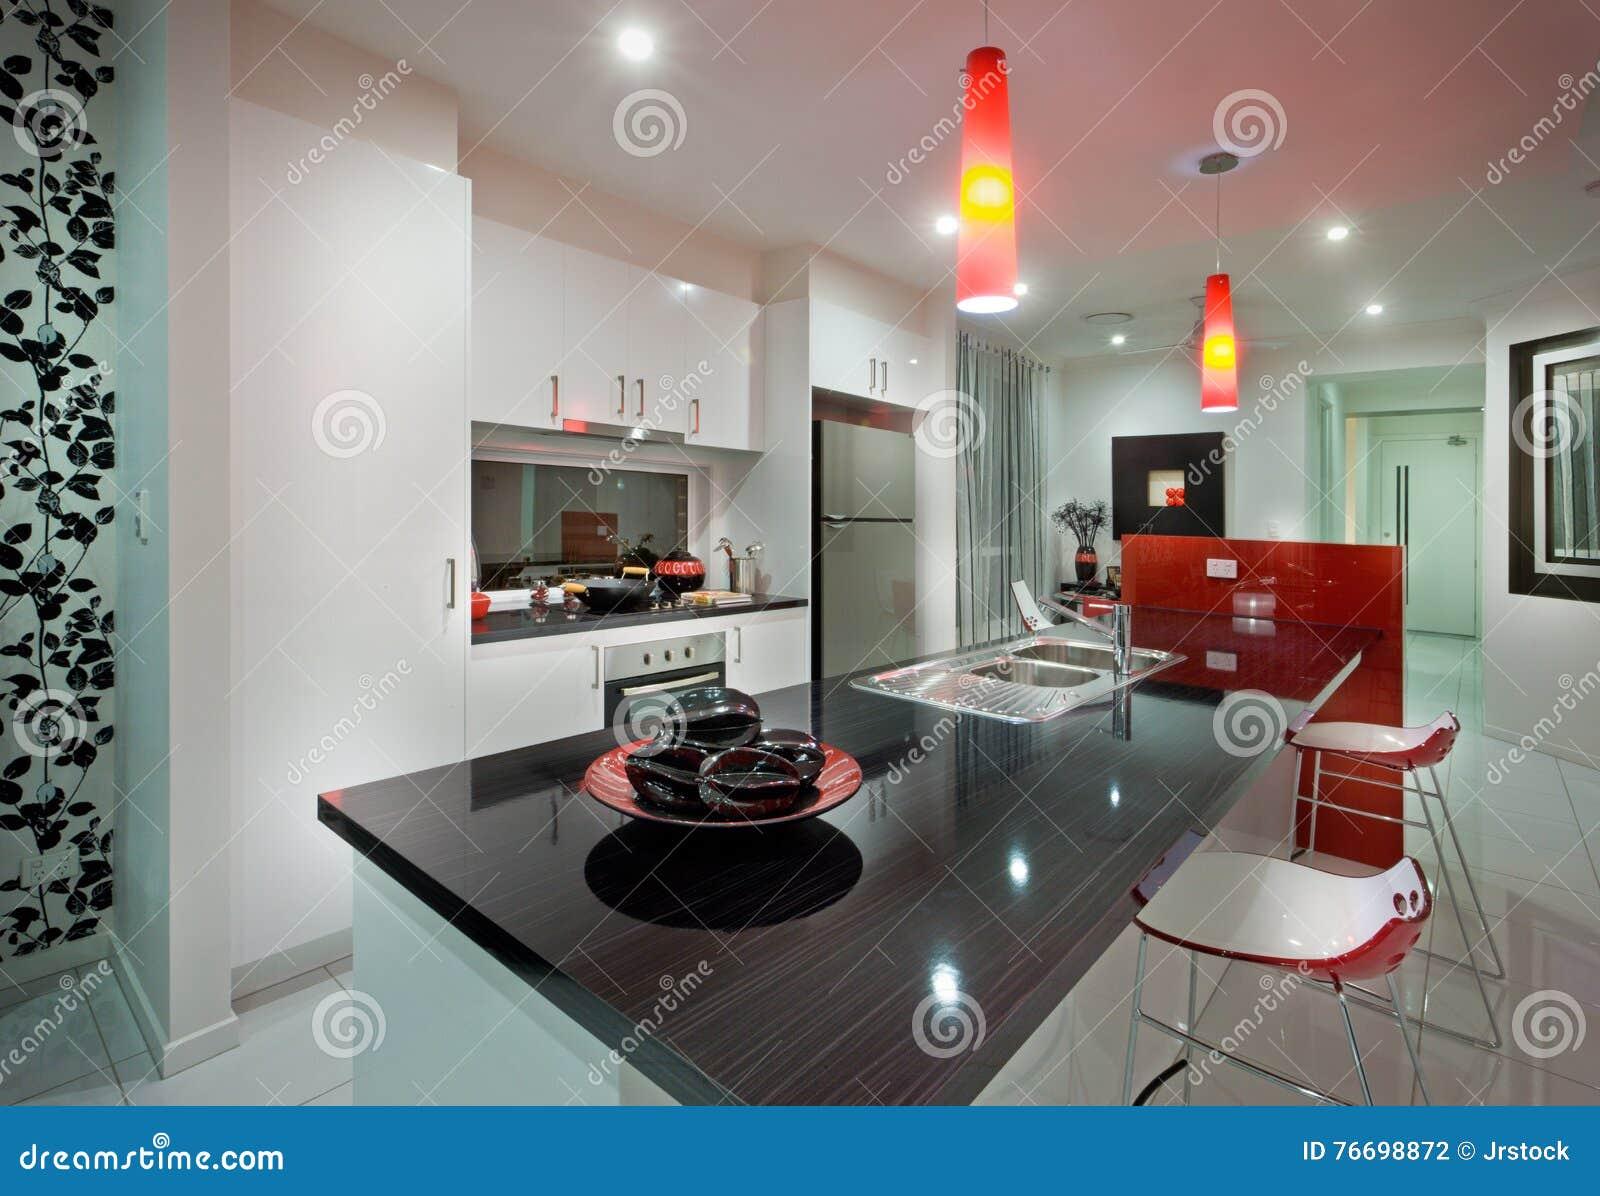 Palazzo moderno attraverso la cucina con le lampade rosse